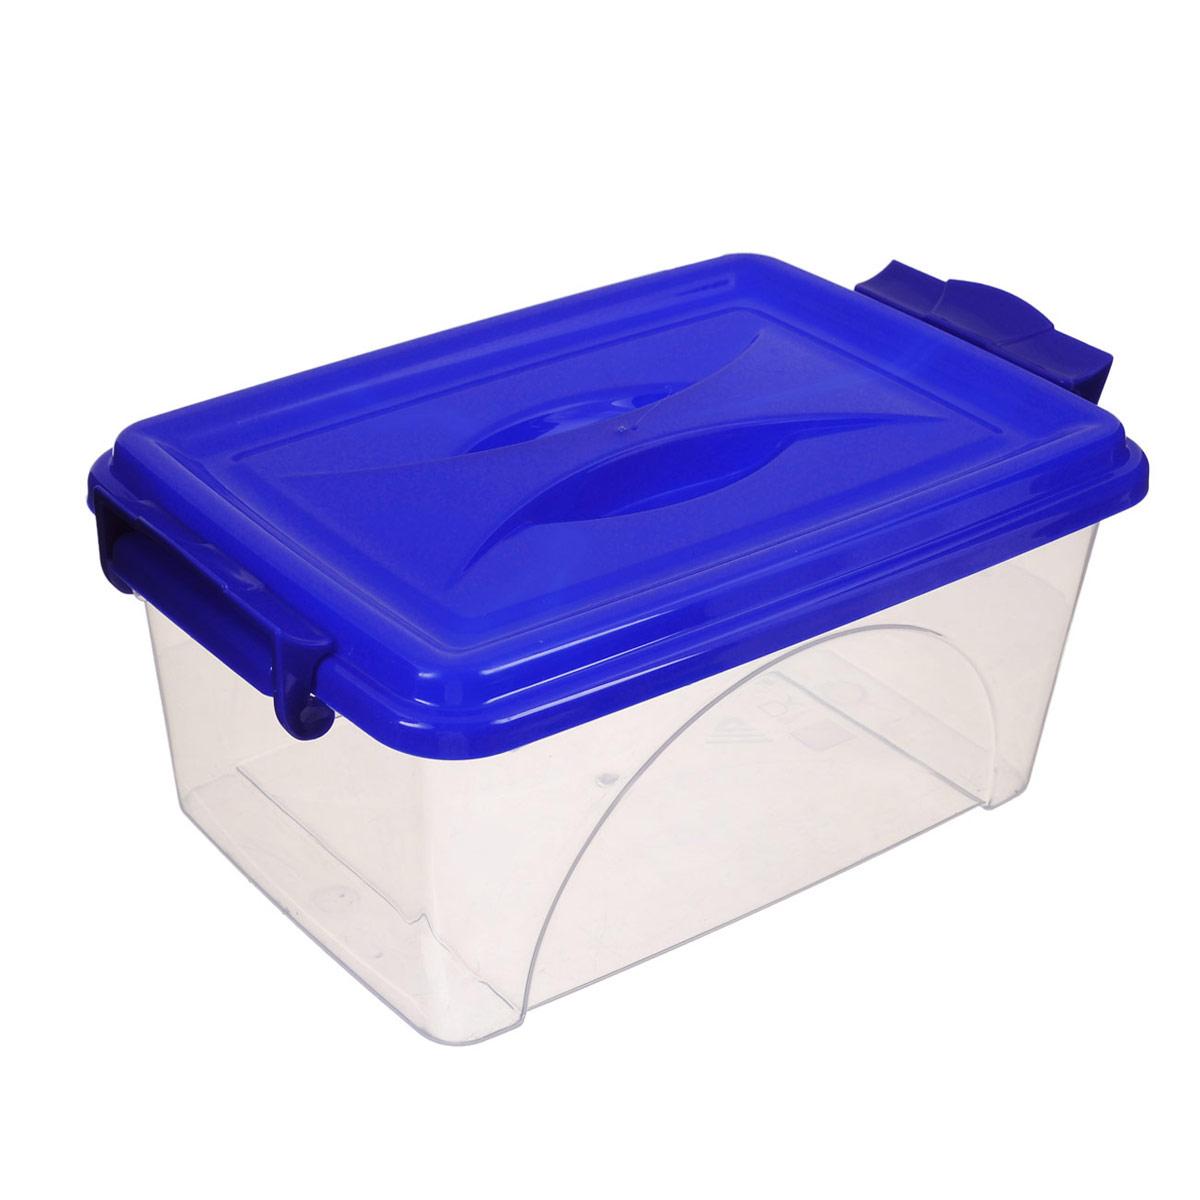 Контейнер Альтернатива, цвет: синий, 2,5 лМ421Контейнер Альтернатива выполнен из прочного пластика. Он предназначен для хранения различных мелких вещей. Крышка легко открывается и плотно закрывается. Прозрачные стенки позволяют видеть содержимое. По бокам предусмотрены две удобные ручки, с помощью которых контейнер закрывается. Контейнер поможет хранить все в одном месте, а также защитить вещи от пыли, грязи и влаги.